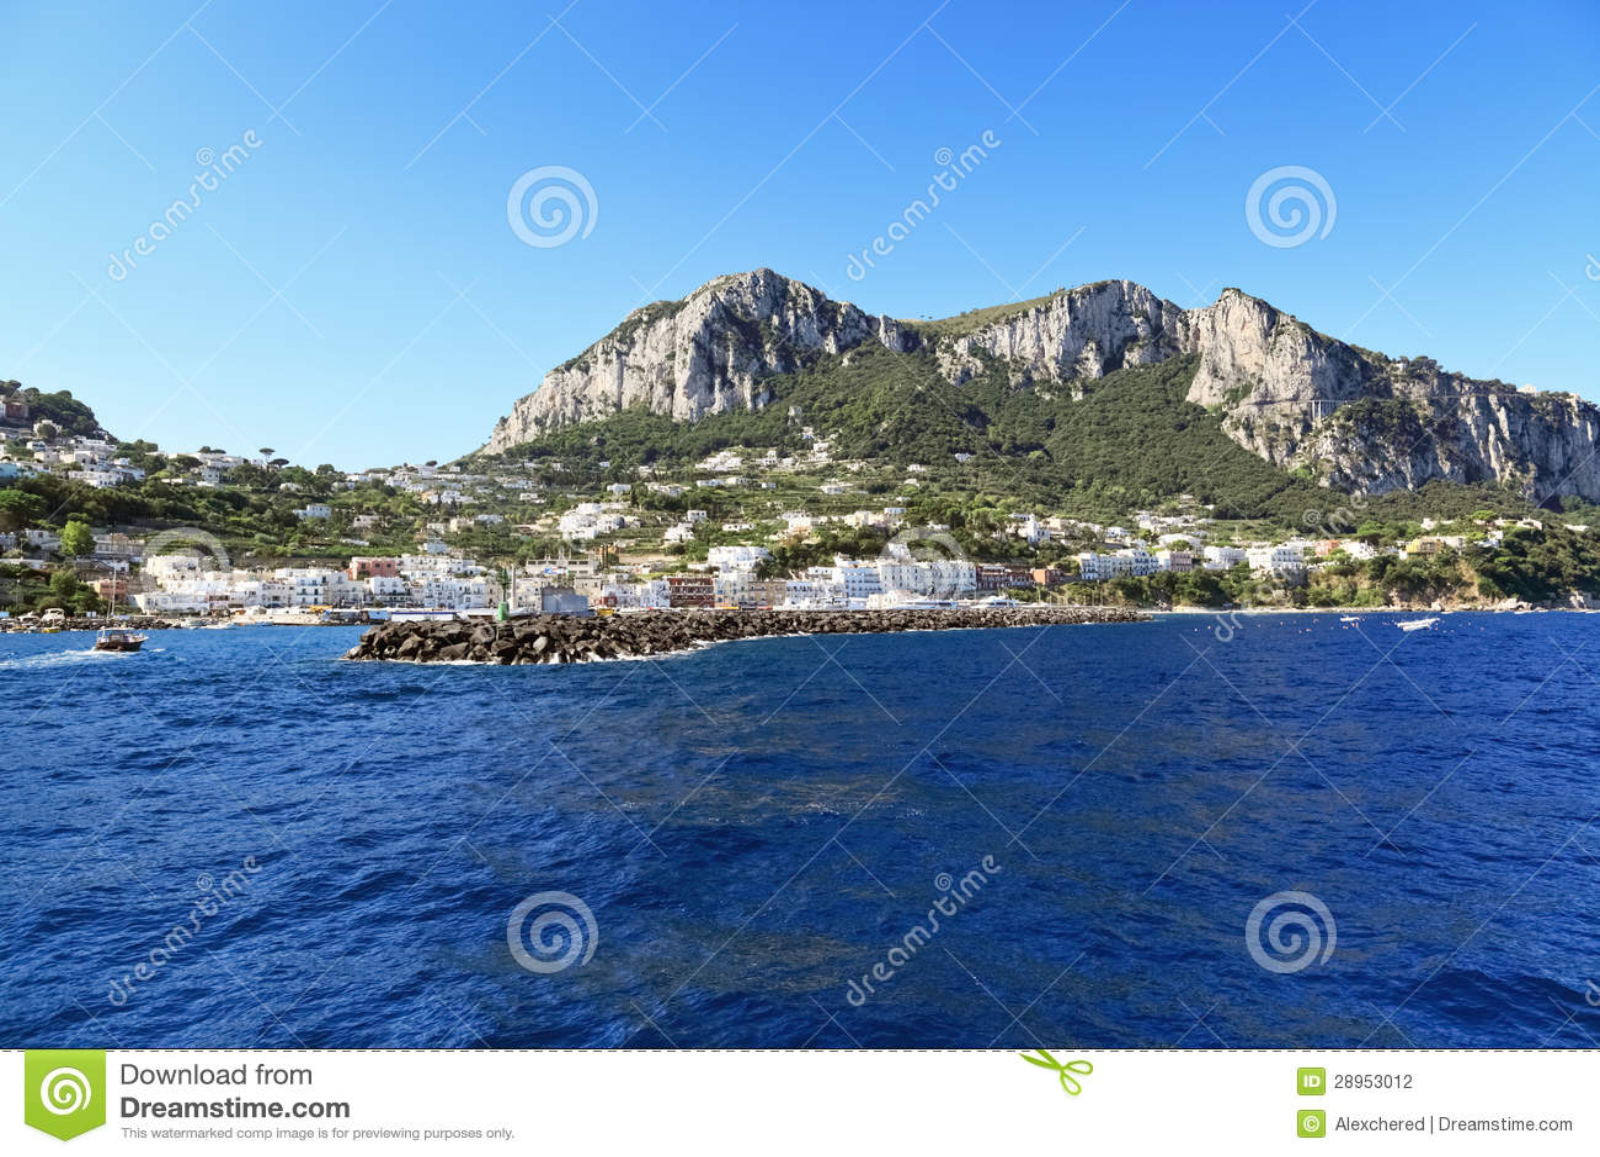 Sceniczny widok popularny kurort, Capri wyspa (Włochy)